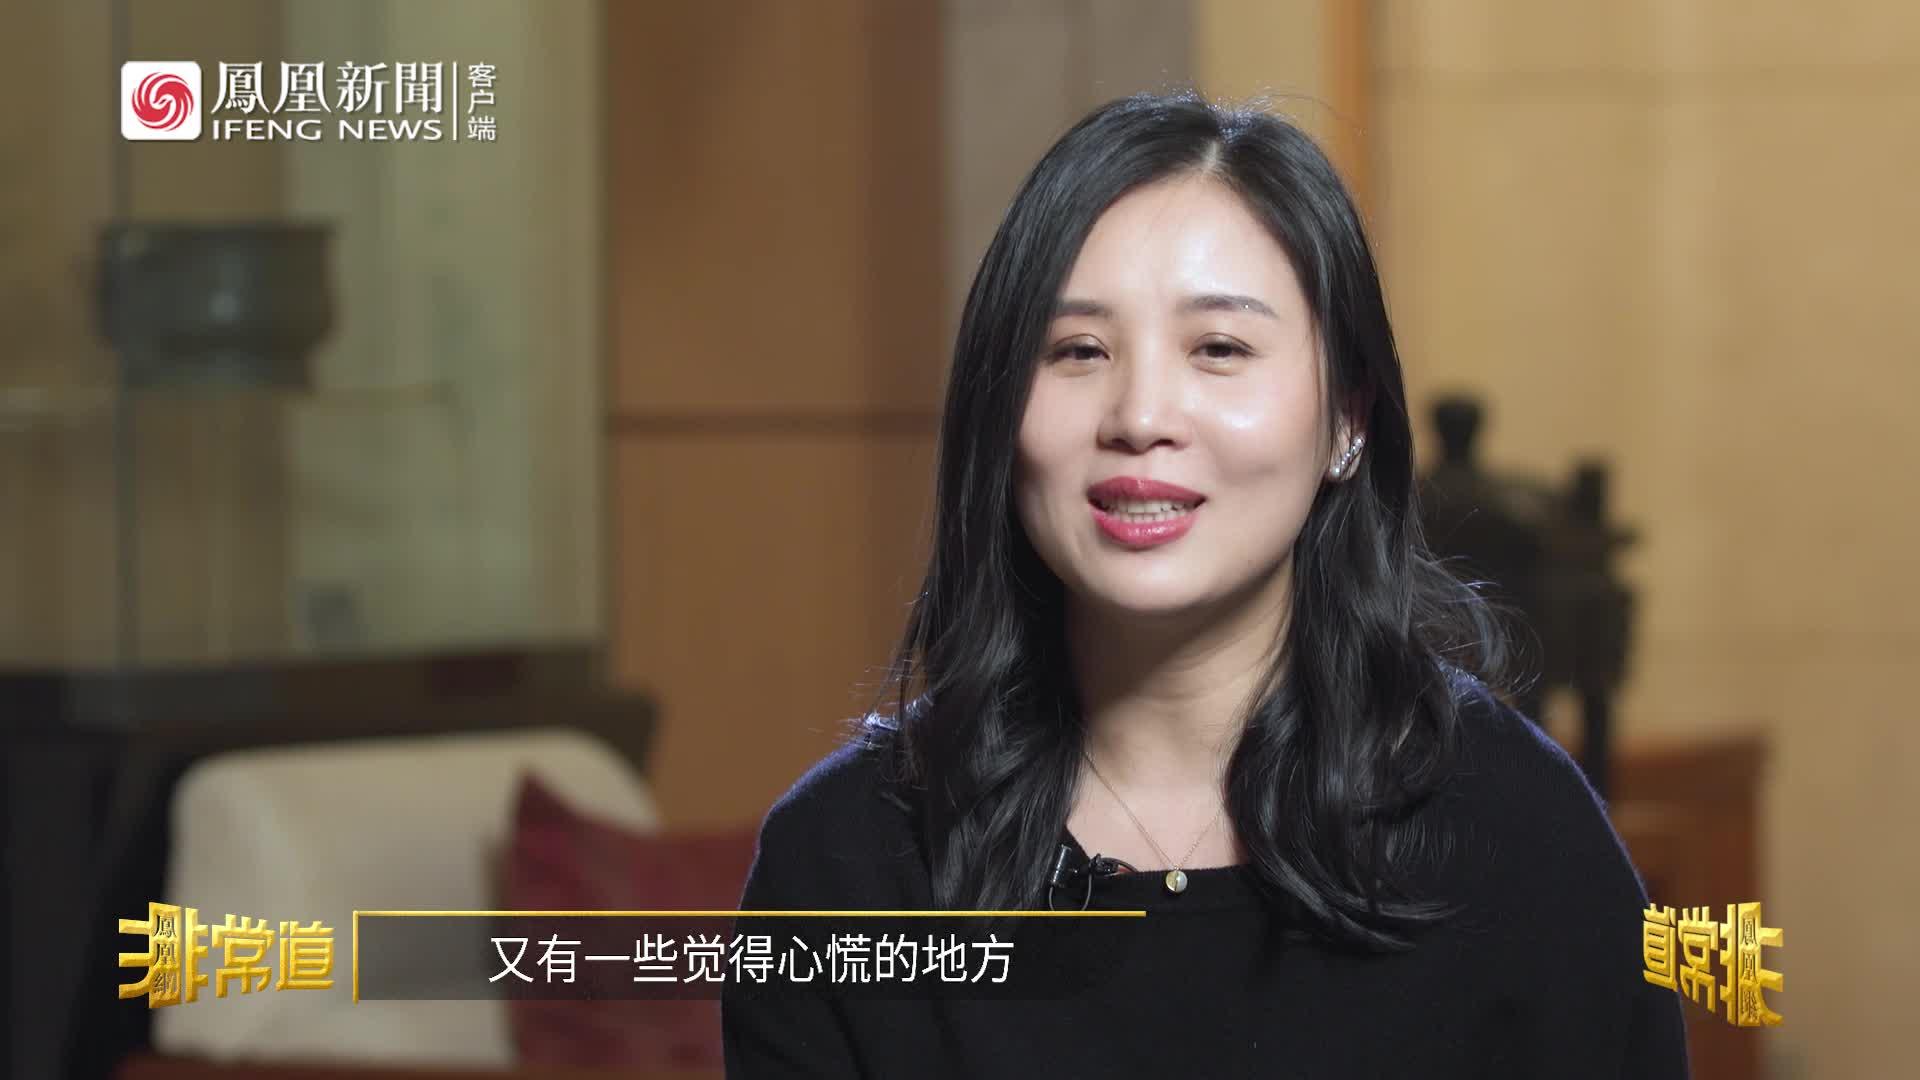 钟丽芳聊巡演称喜忧参半 音乐剧采用百老汇预演模式 | 非常道